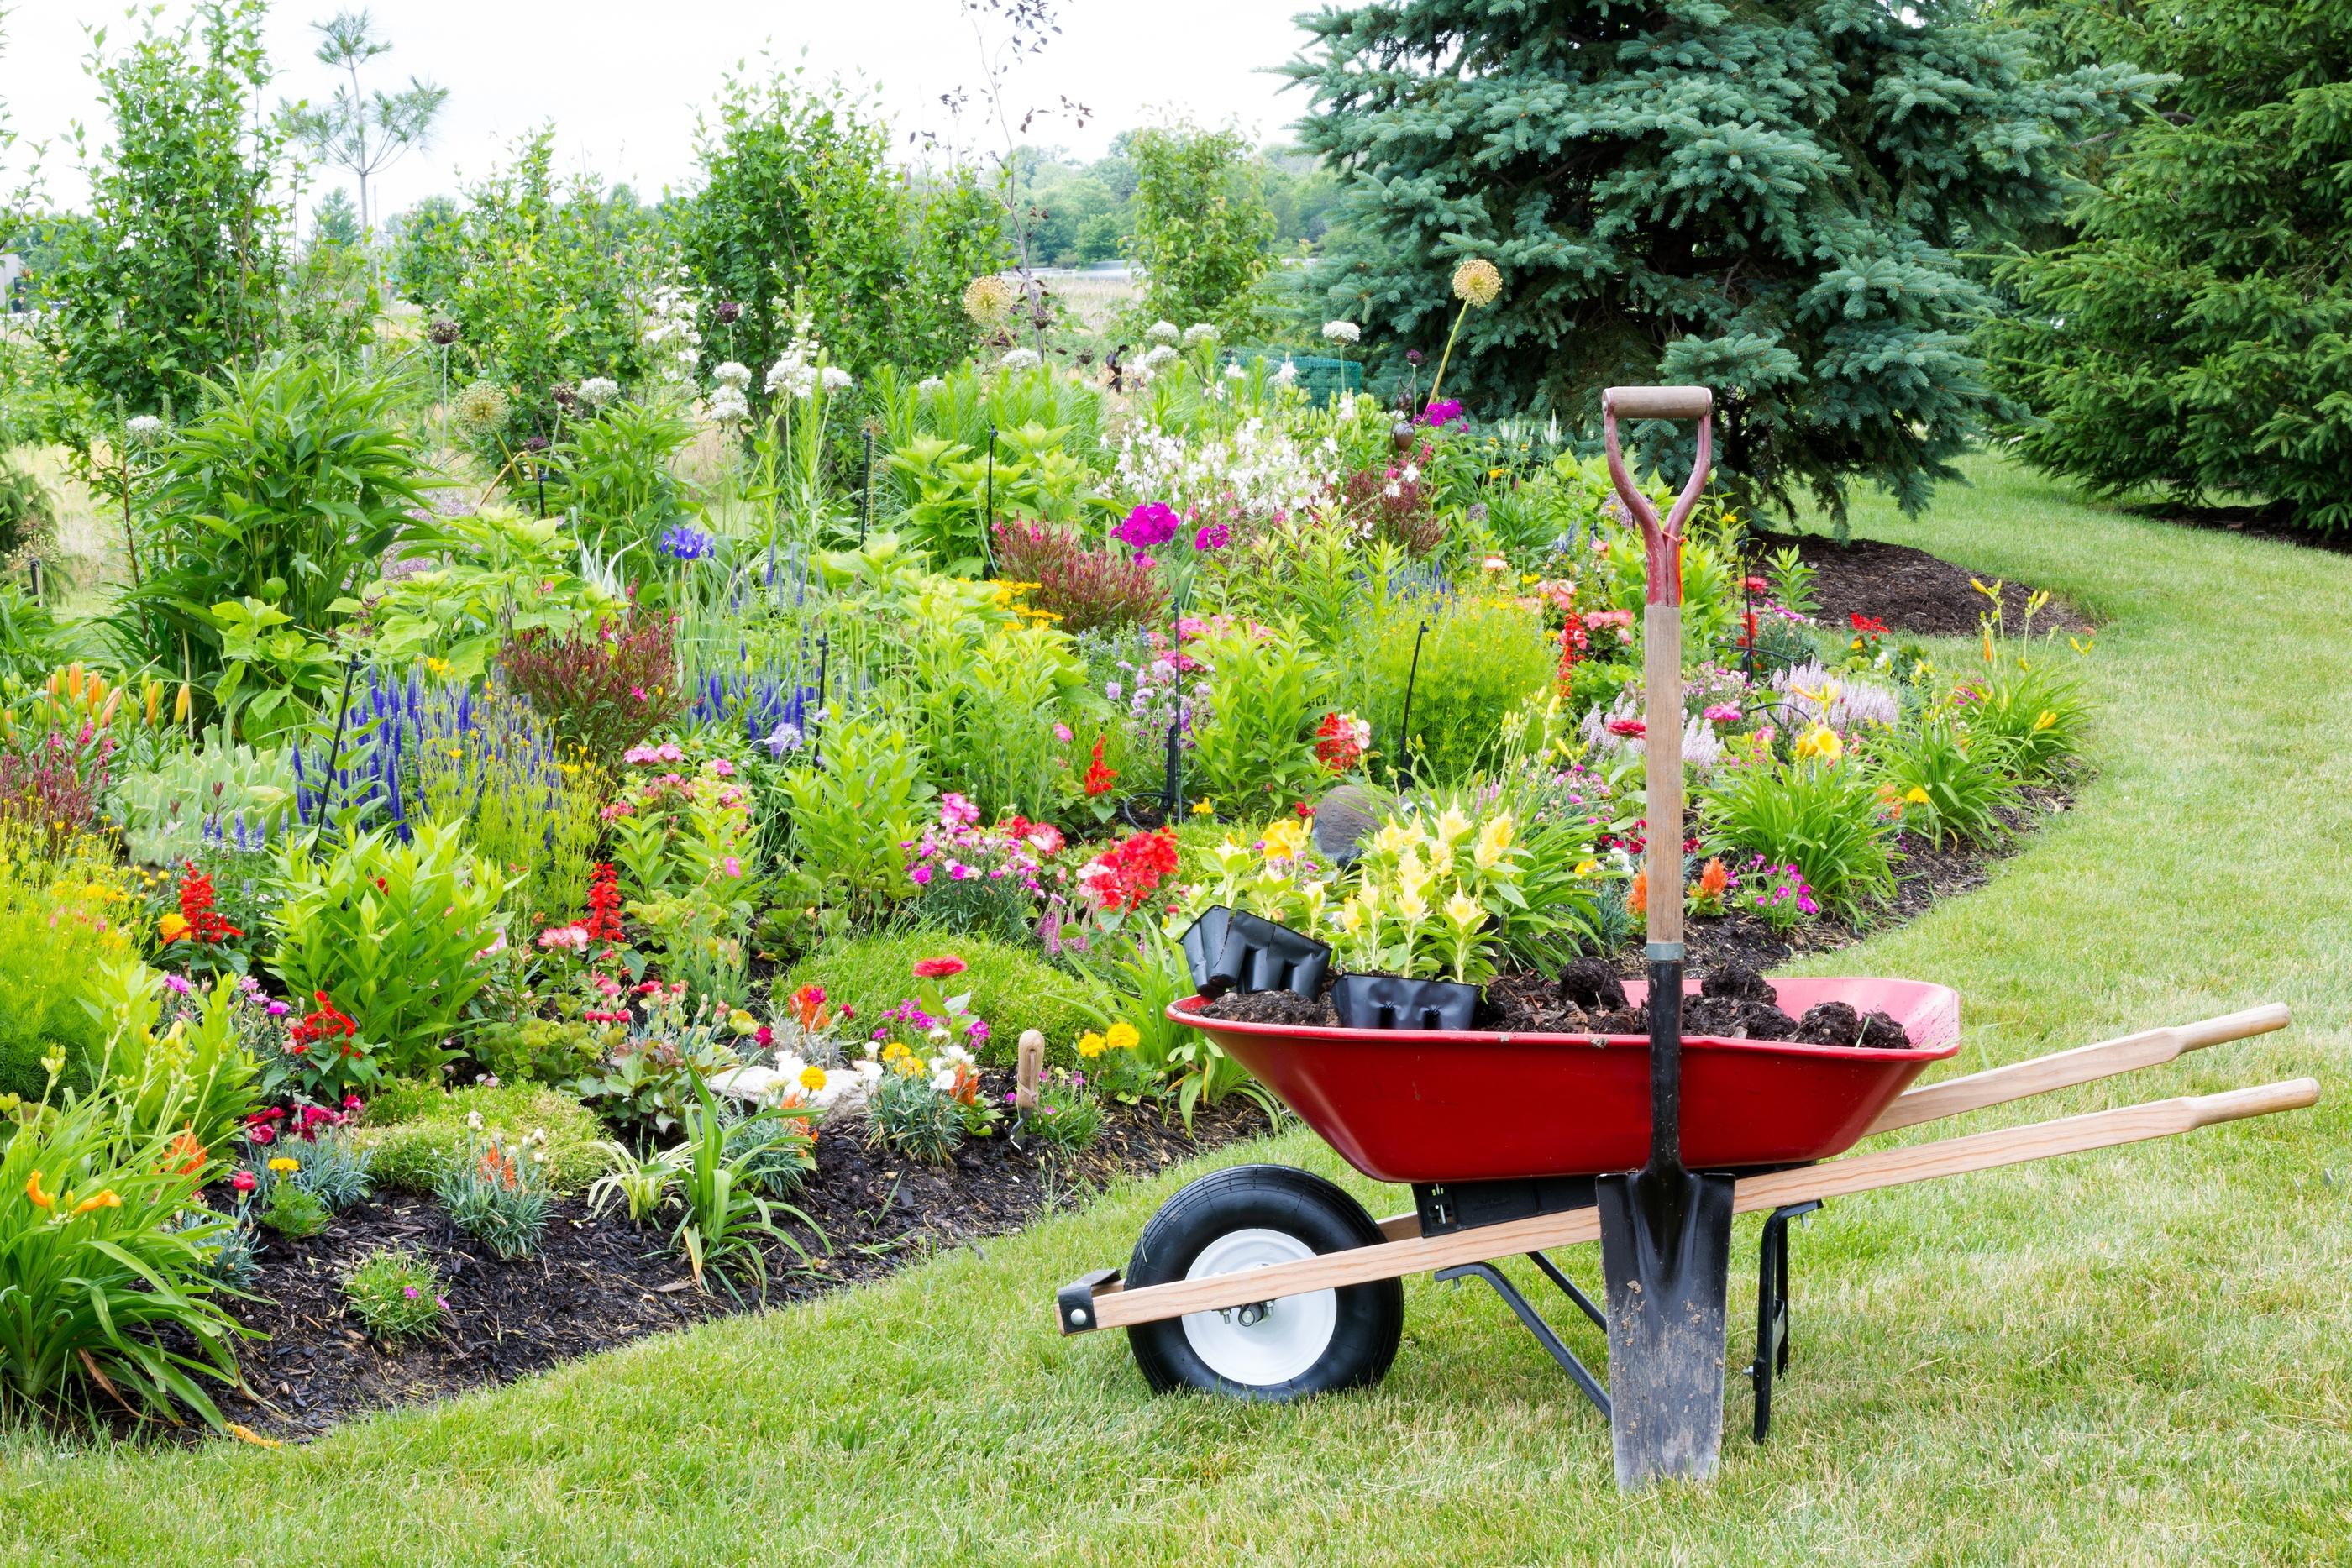 Planting Summer Vegetables